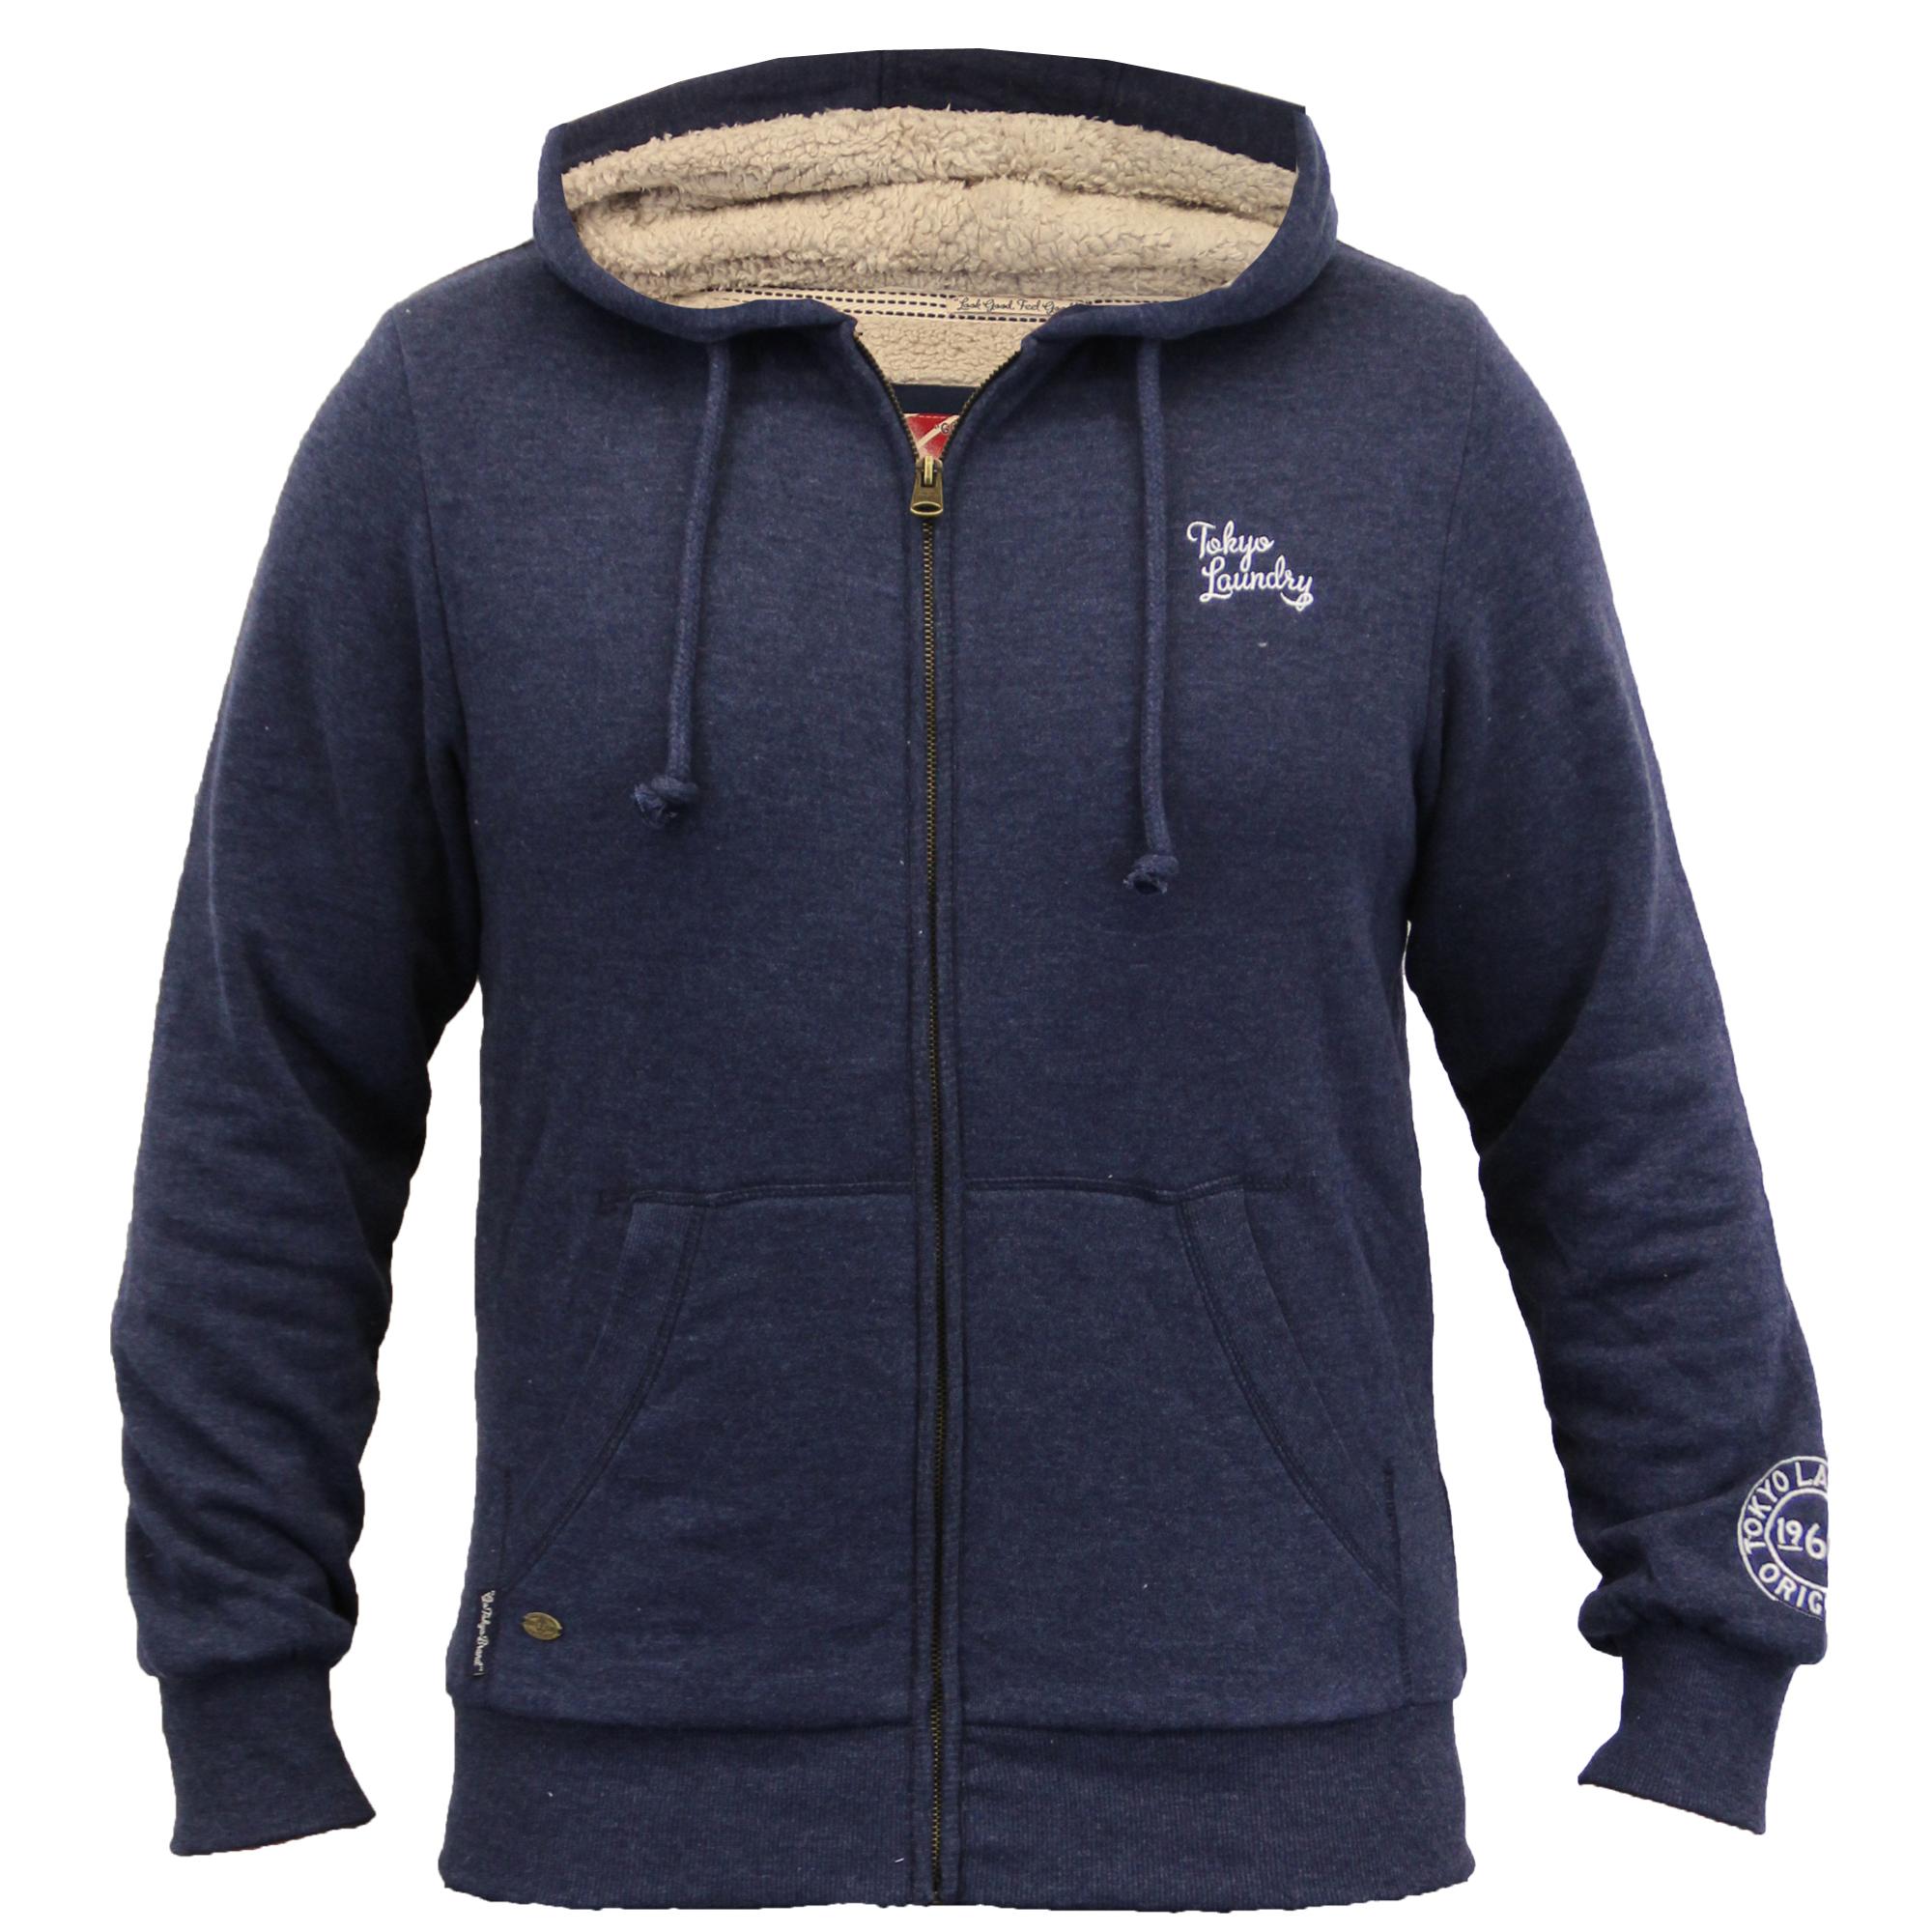 Veste homme tokyo laundry haut capuche sherpa polaire - Veste homme decontracte ...